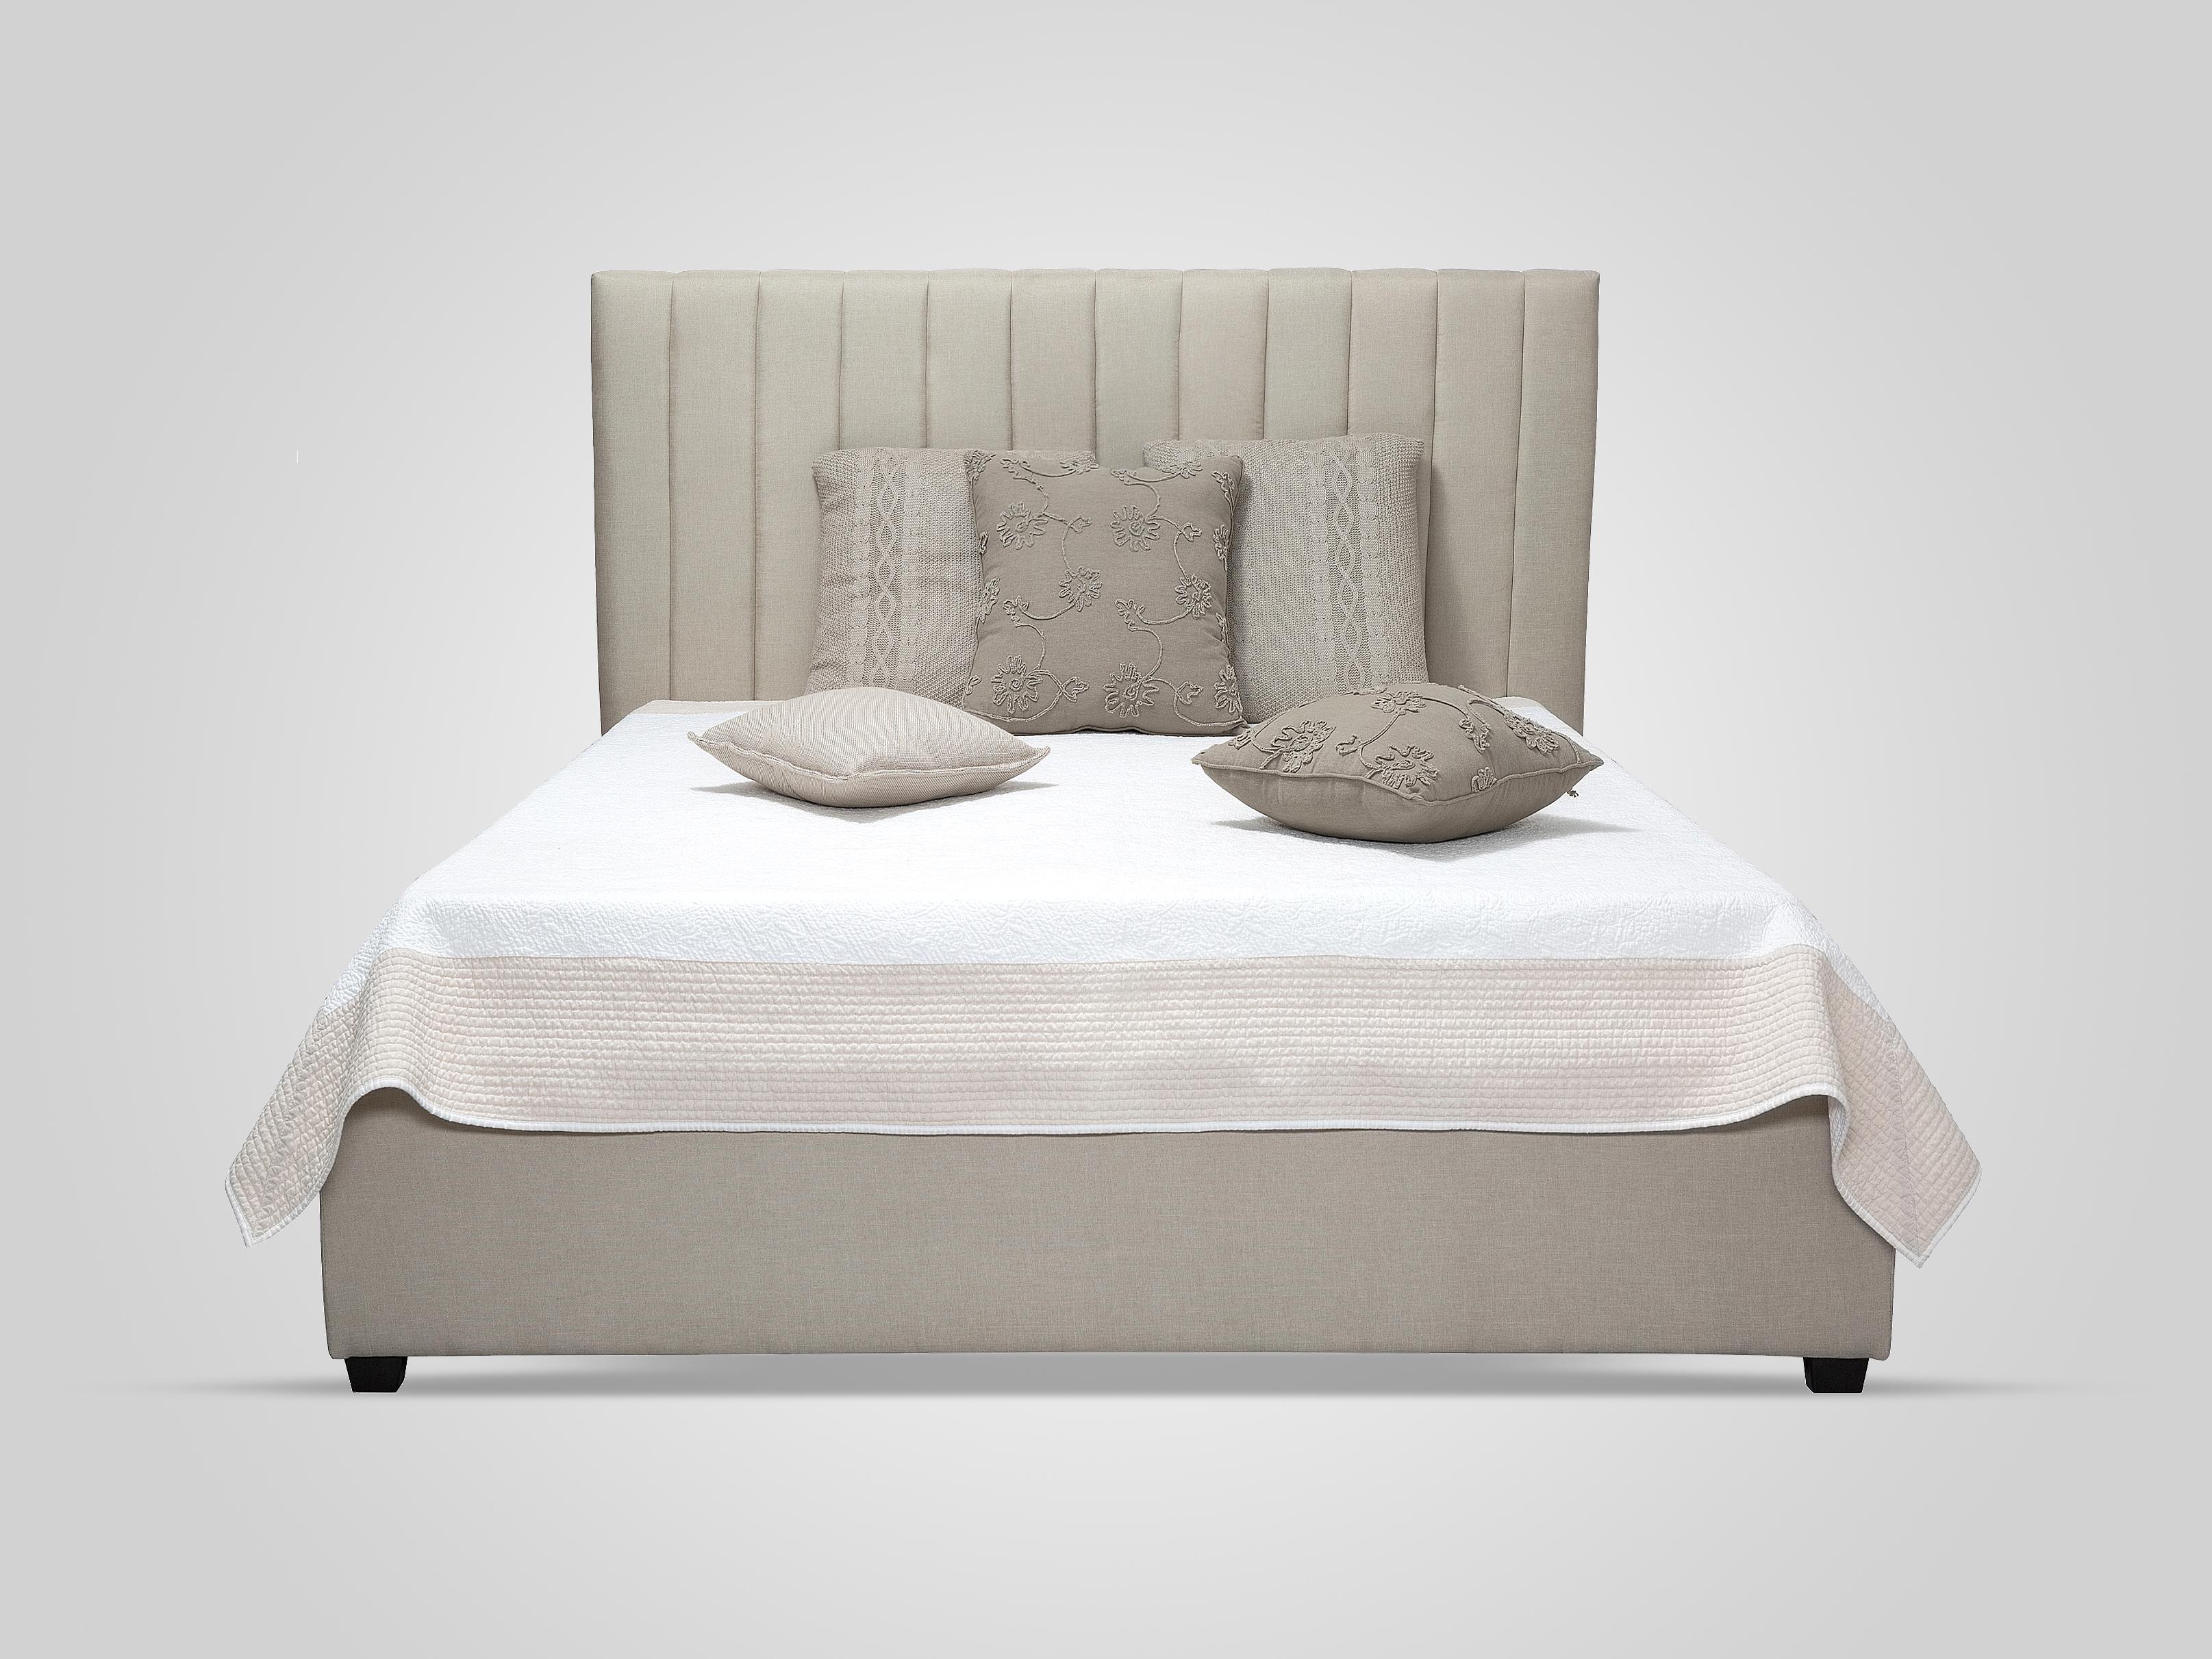 Кровать с обивкой из ткани бежевого цвета 180х200